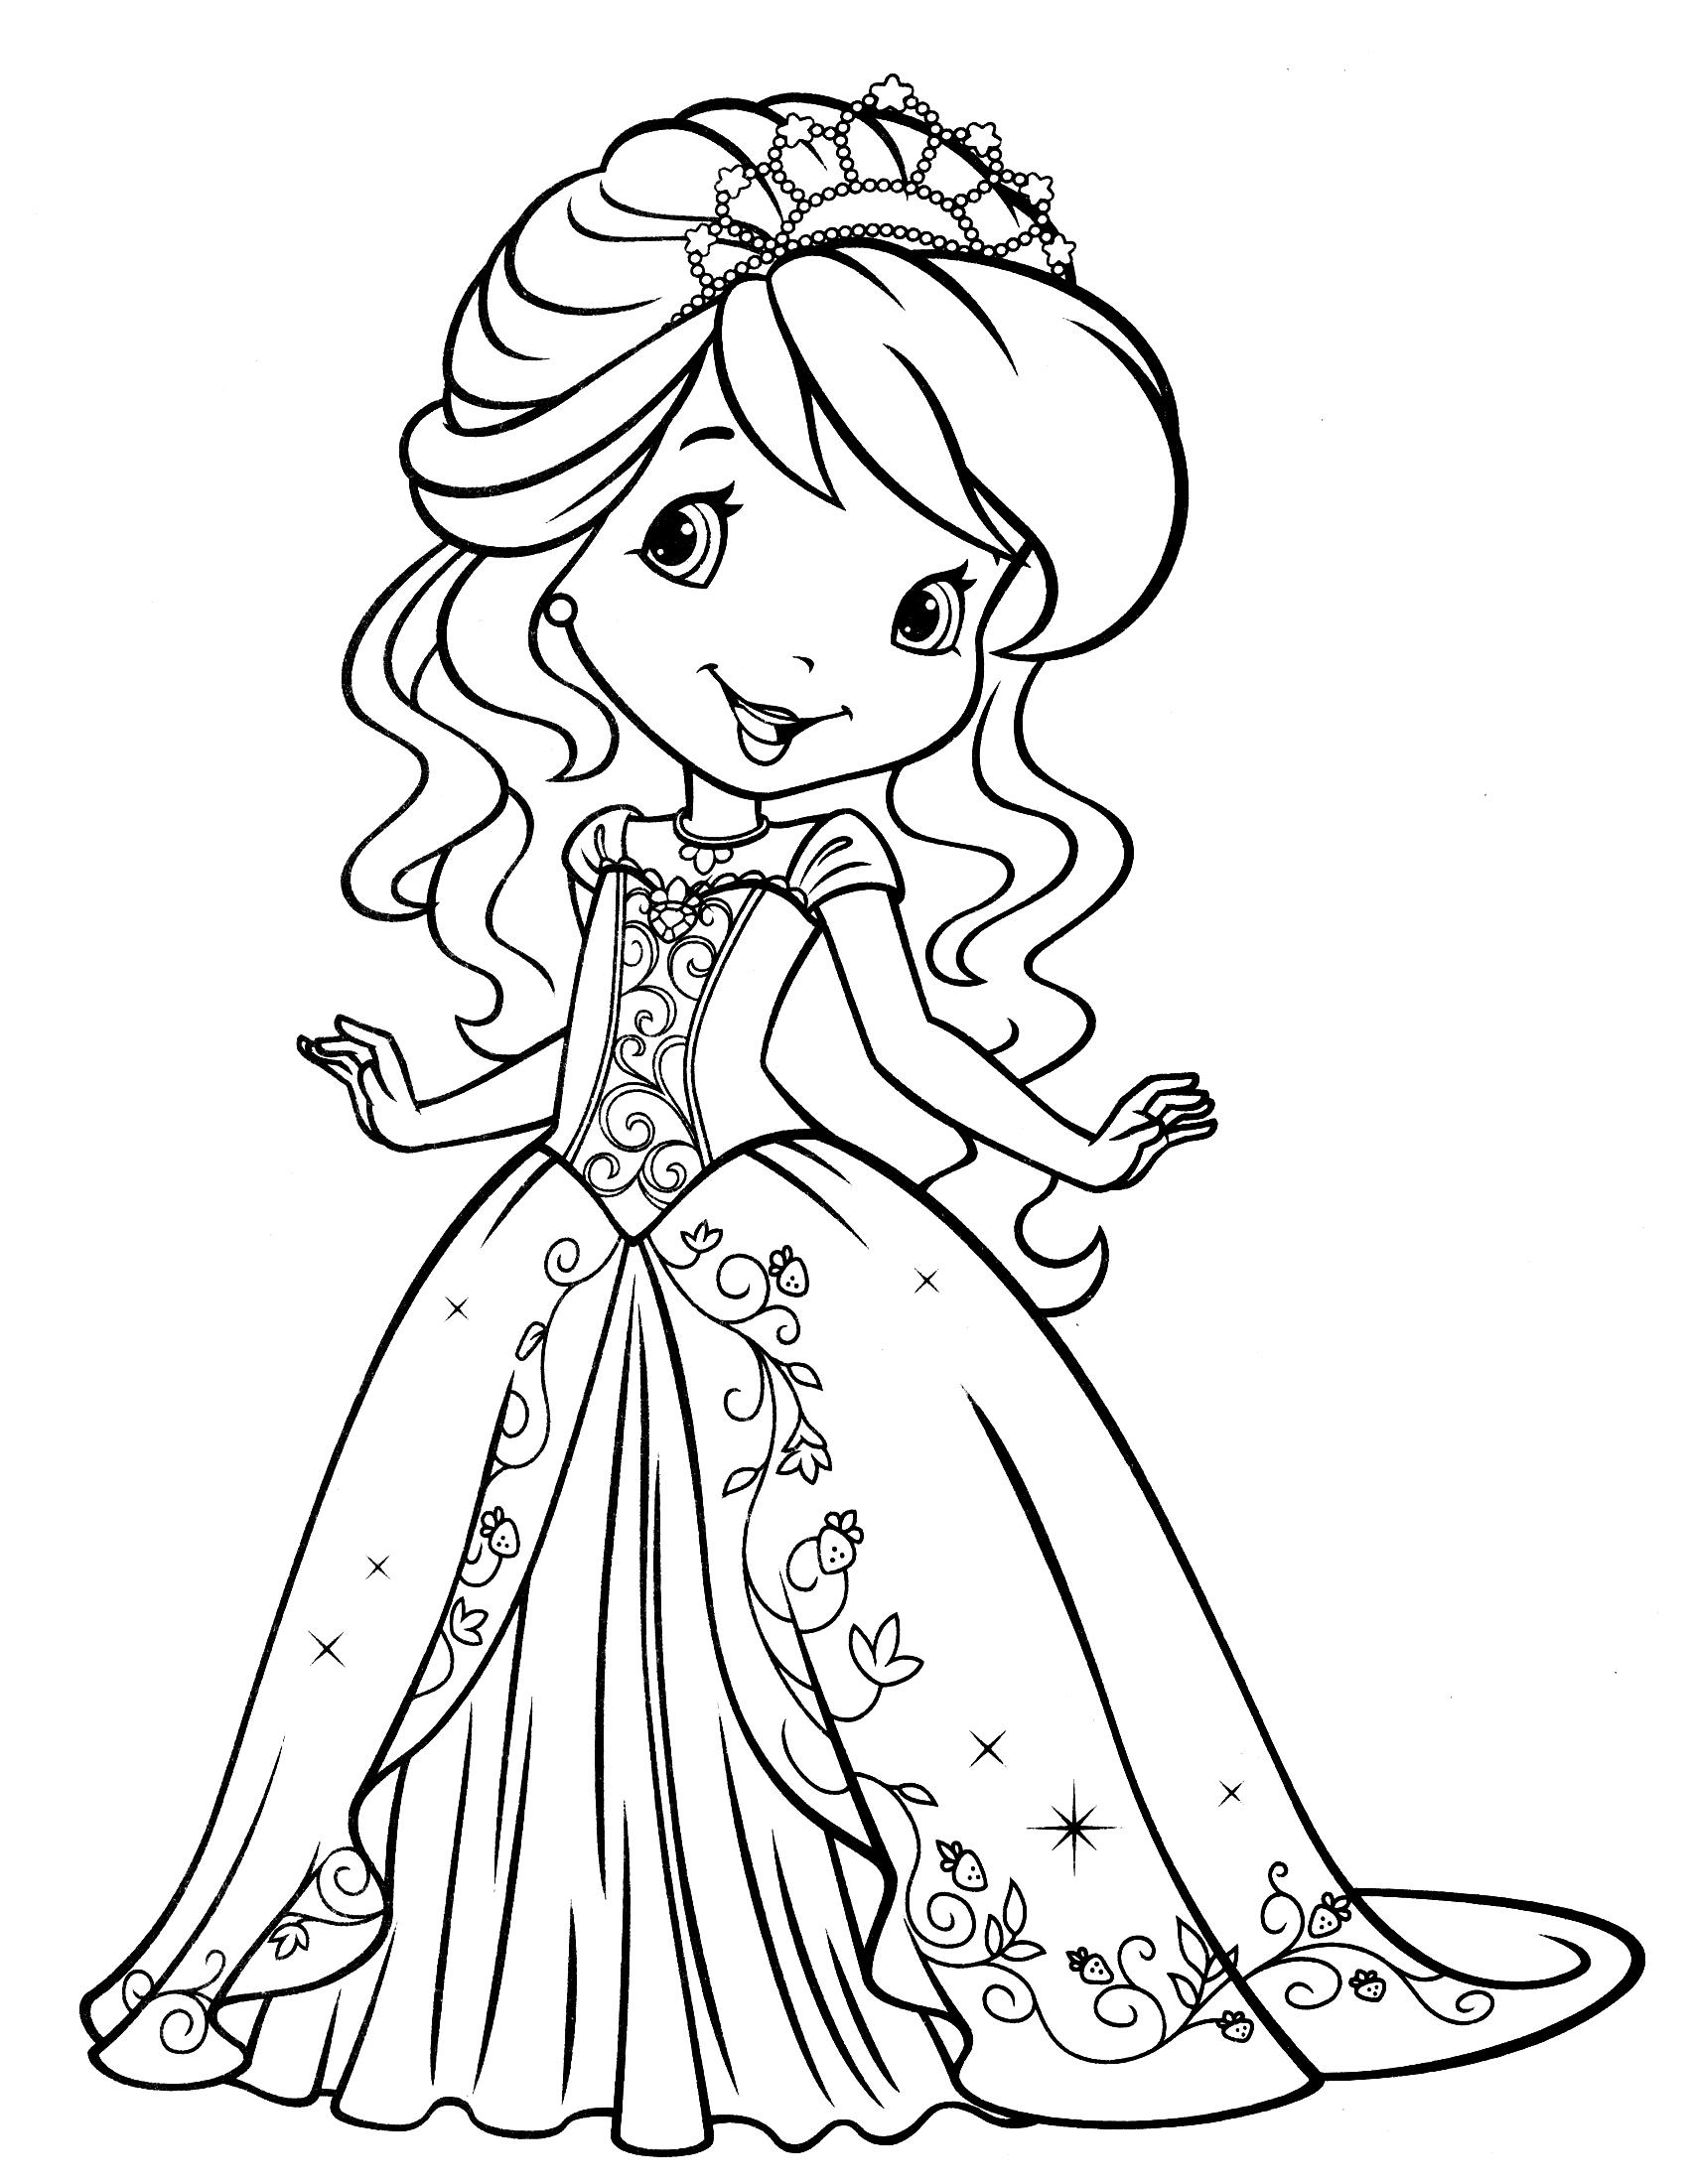 Раскраска принцесса в платье распечатать